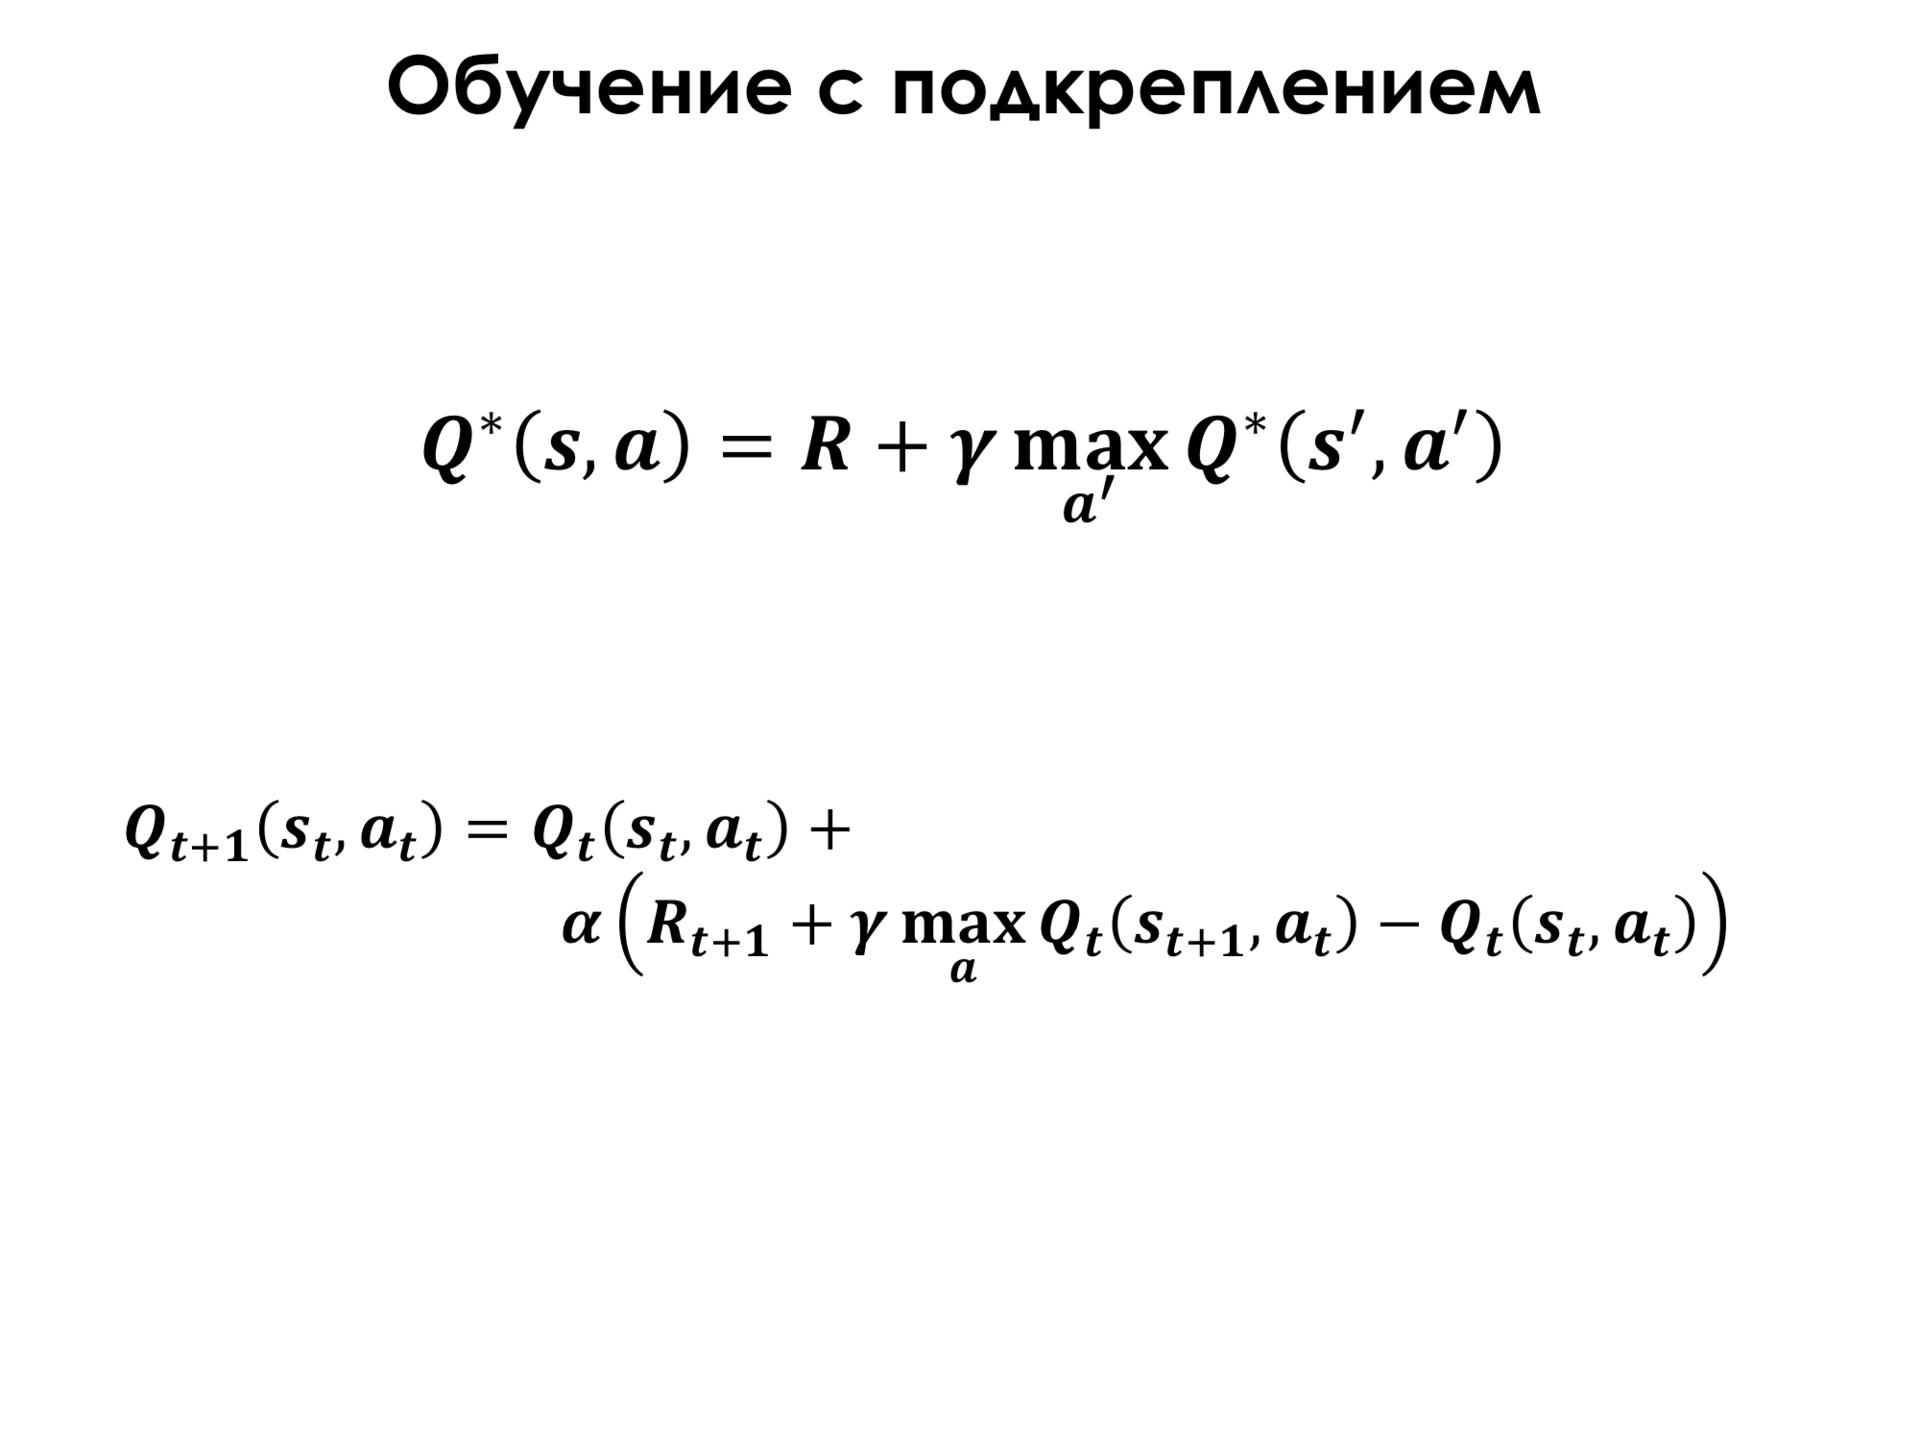 Самое главное о нейронных сетях. Лекция в Яндексе - 47